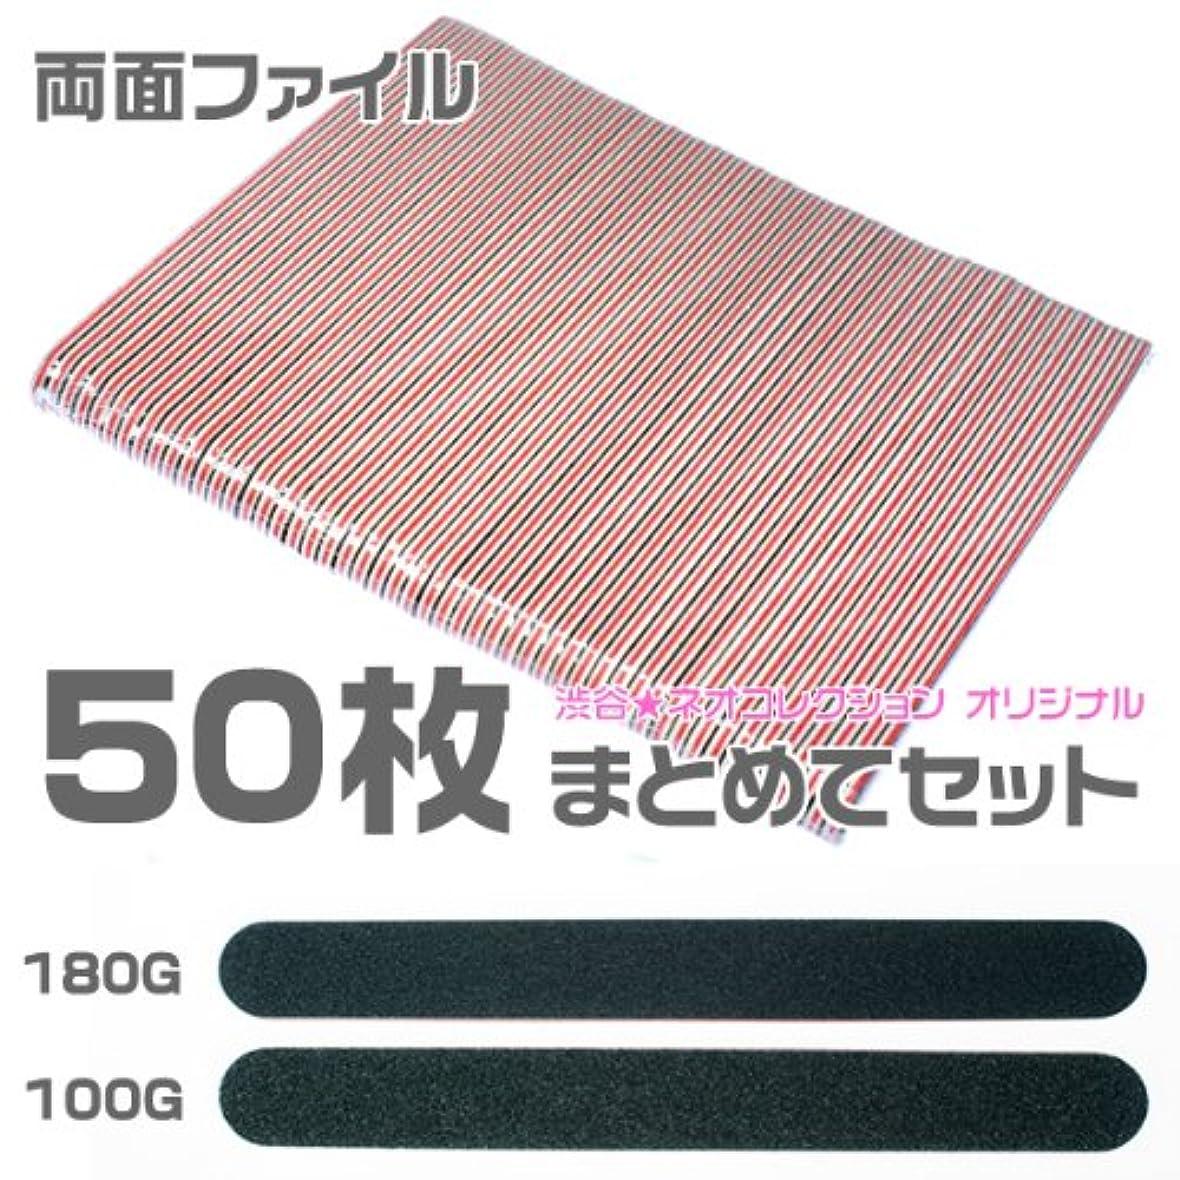 実質的に応じる等しい高品質ネイルファイル50枚セット 100 180G 大量まとめ買い エメリーボード 100グリッド180グリッド